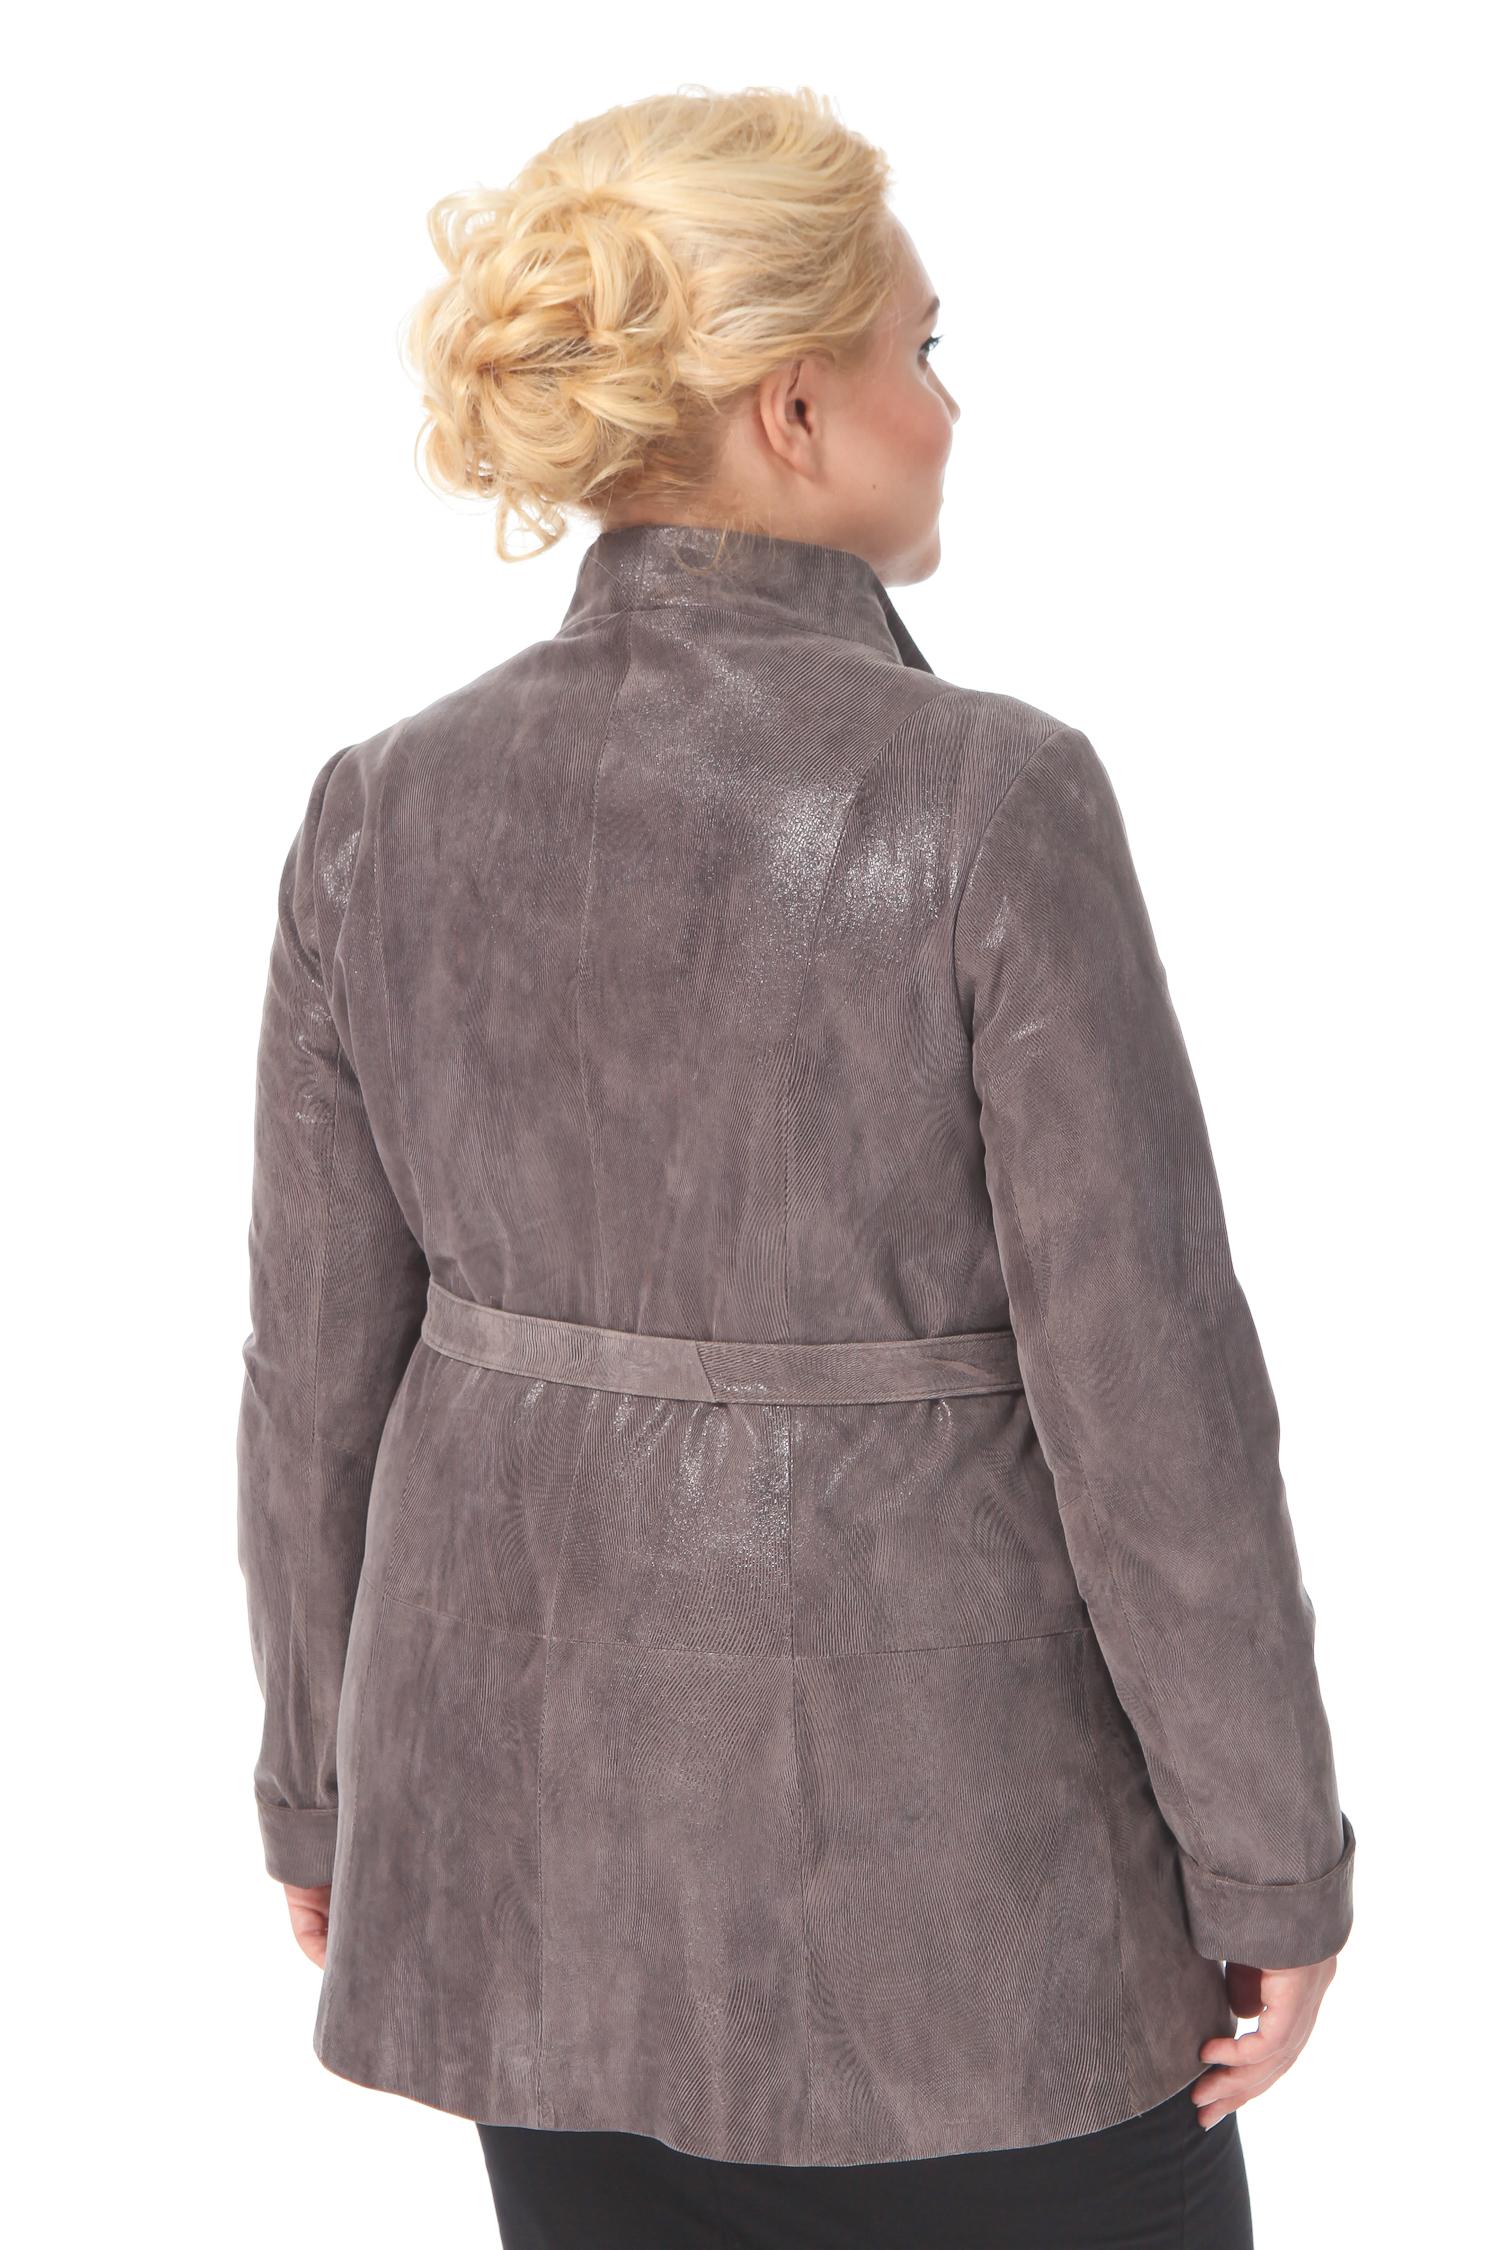 Фото 2 - Женская кожаная куртка из натуральной замши (с накатом) с воротником от МОСМЕХА бежевого цвета